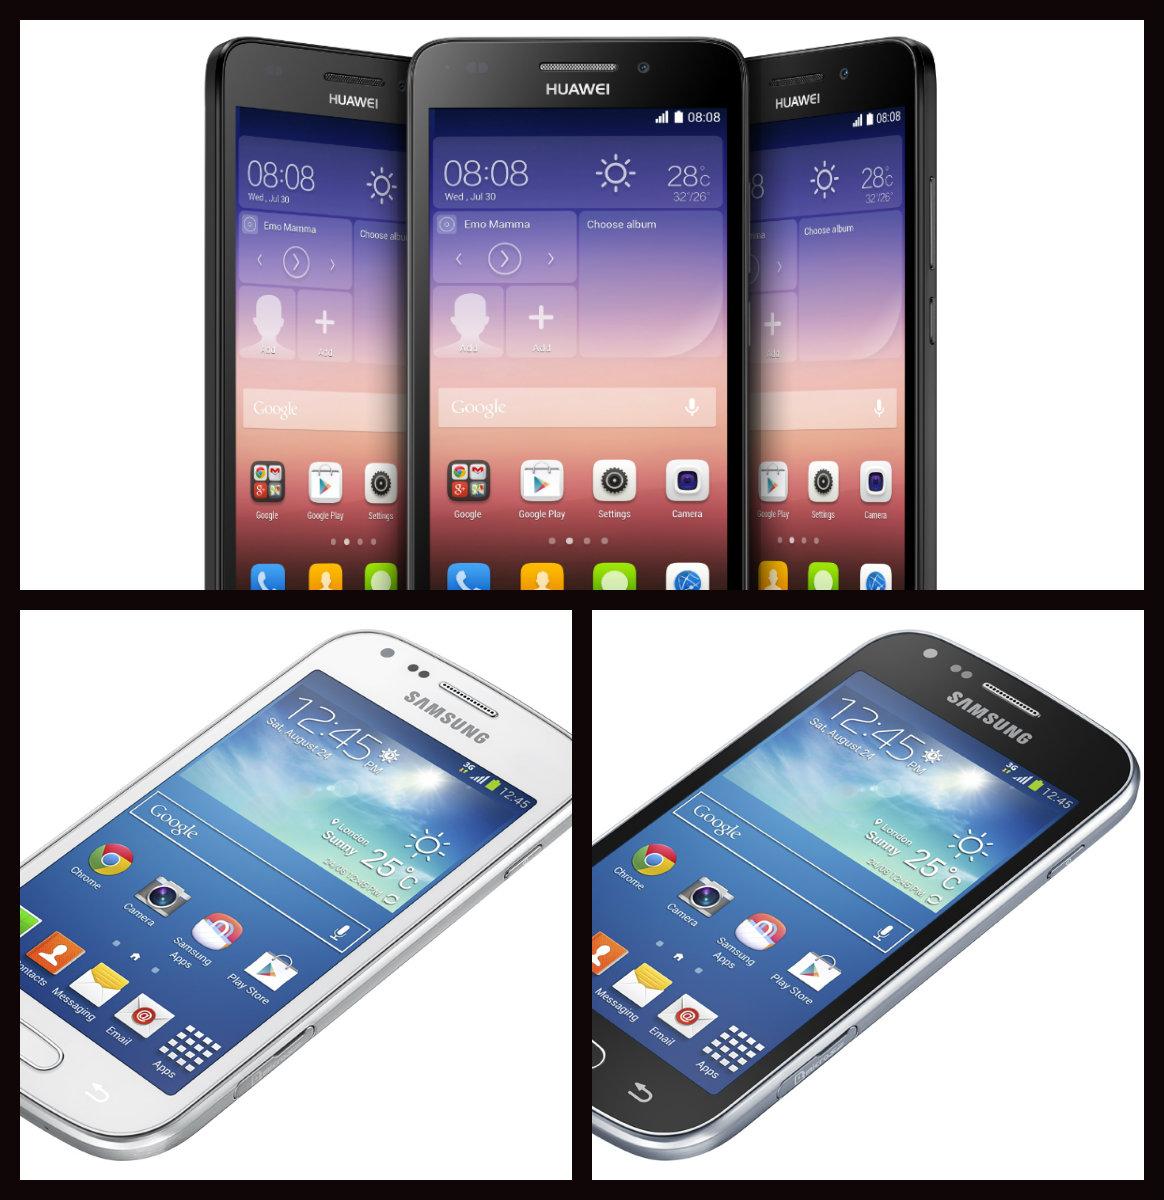 Как выбрать смартфон? Рекомендации от Селком